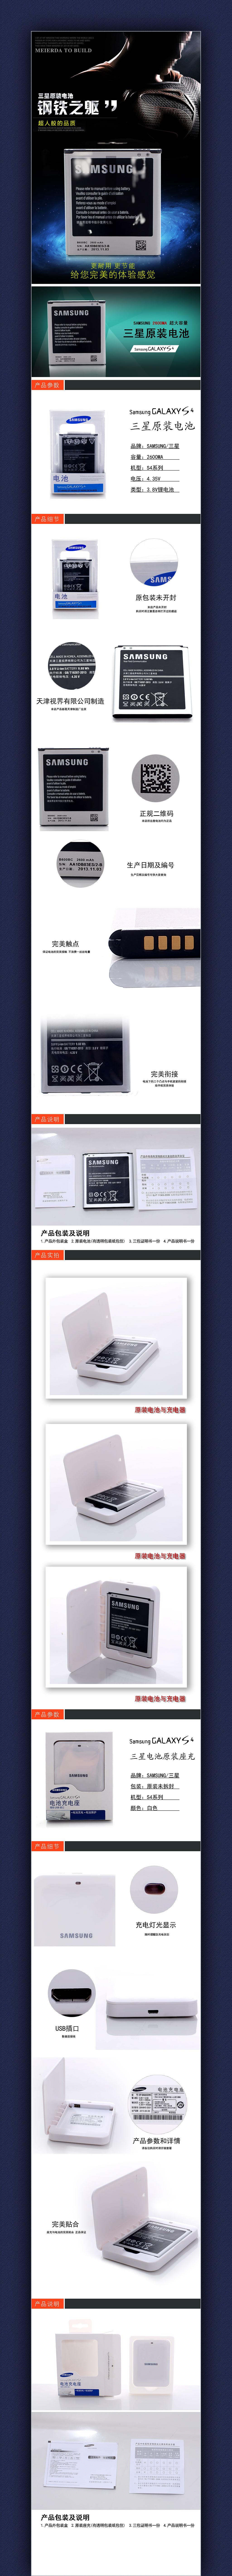 手机锂电池宝贝详情页模版设计图片